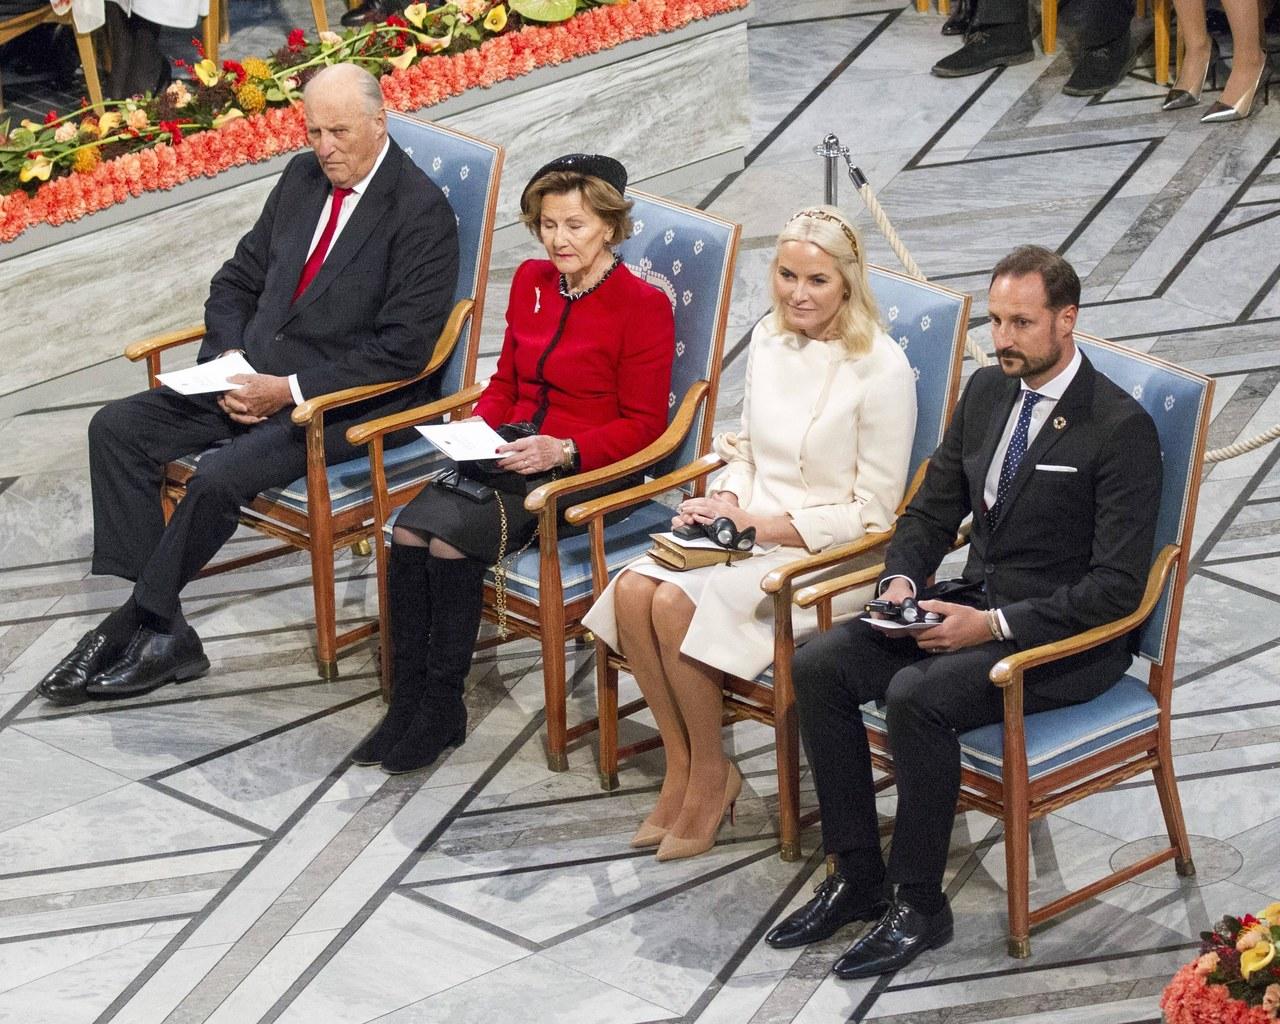 Tradycyjna uroczystość wręczenia Pokojowego Nobla się nie odbędzie